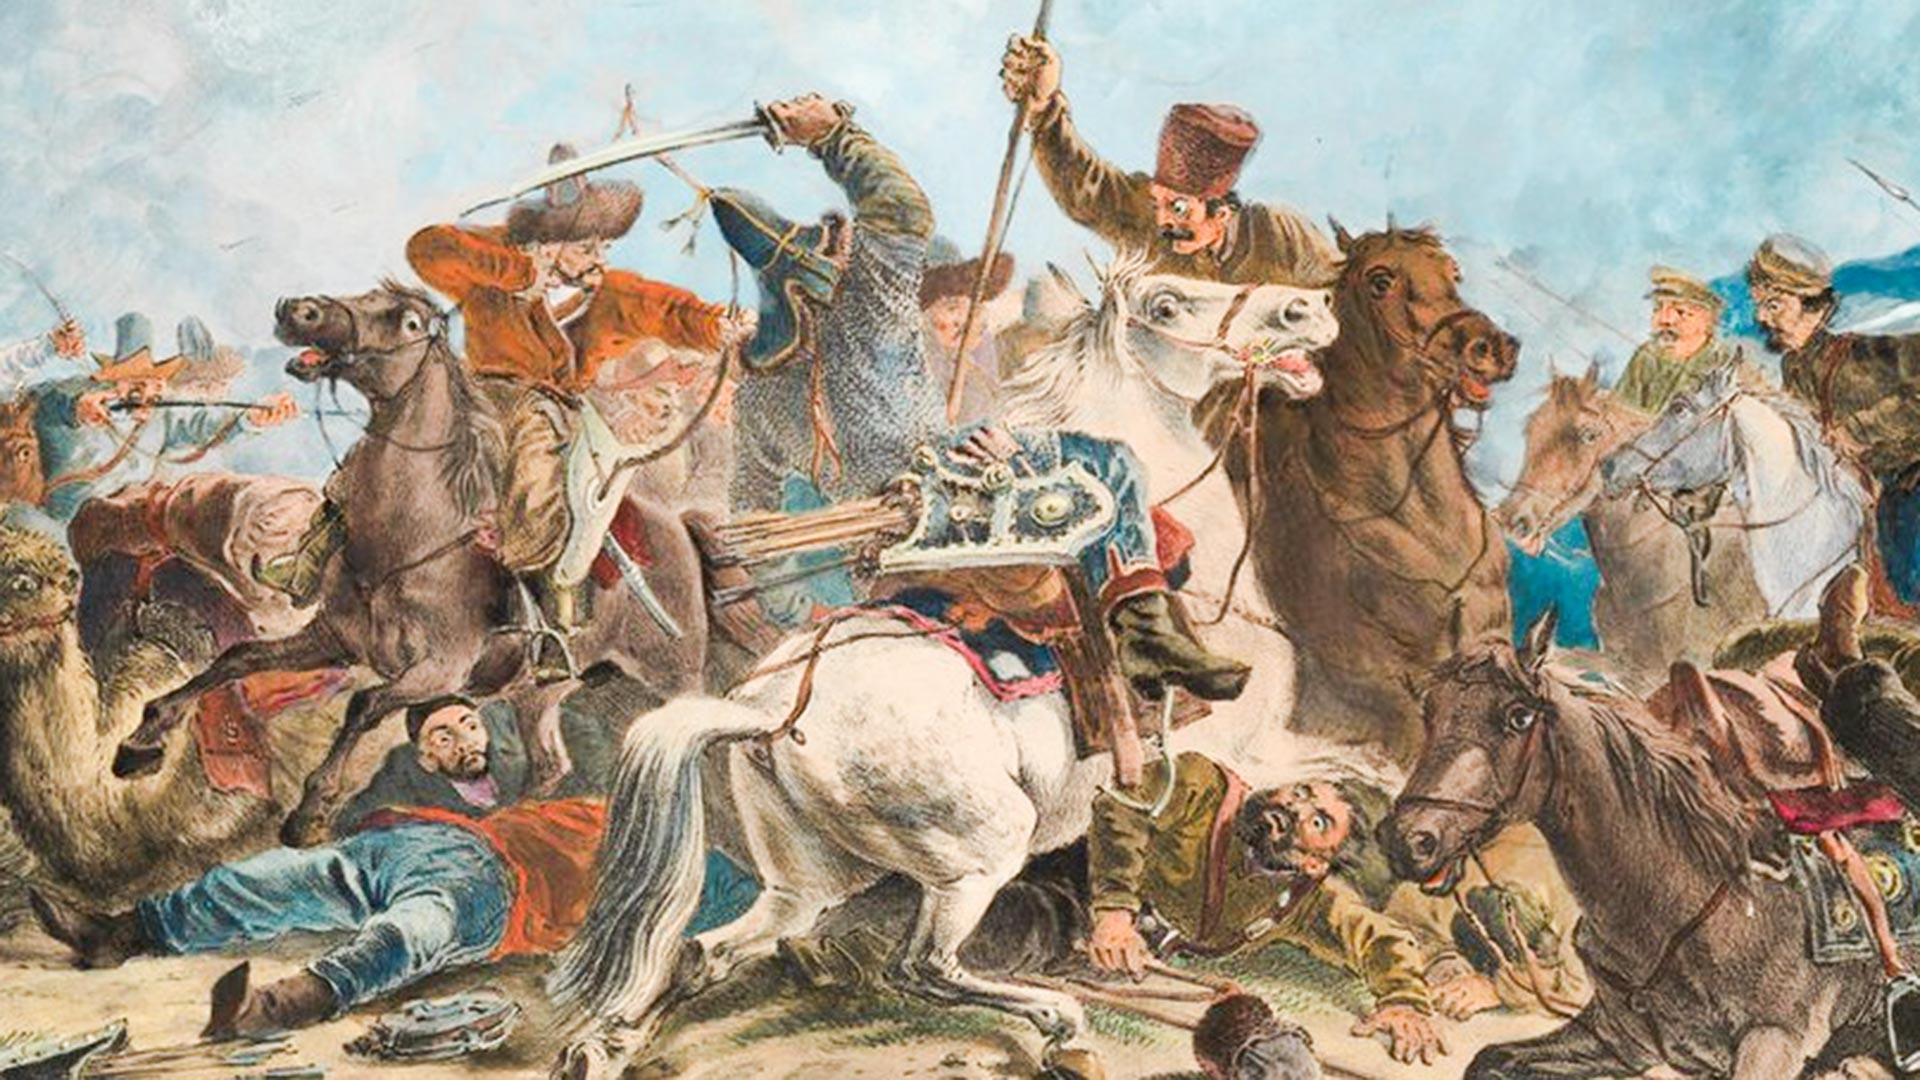 Orang-orang Cossack berperang melawan orang-orang Kirgiz.